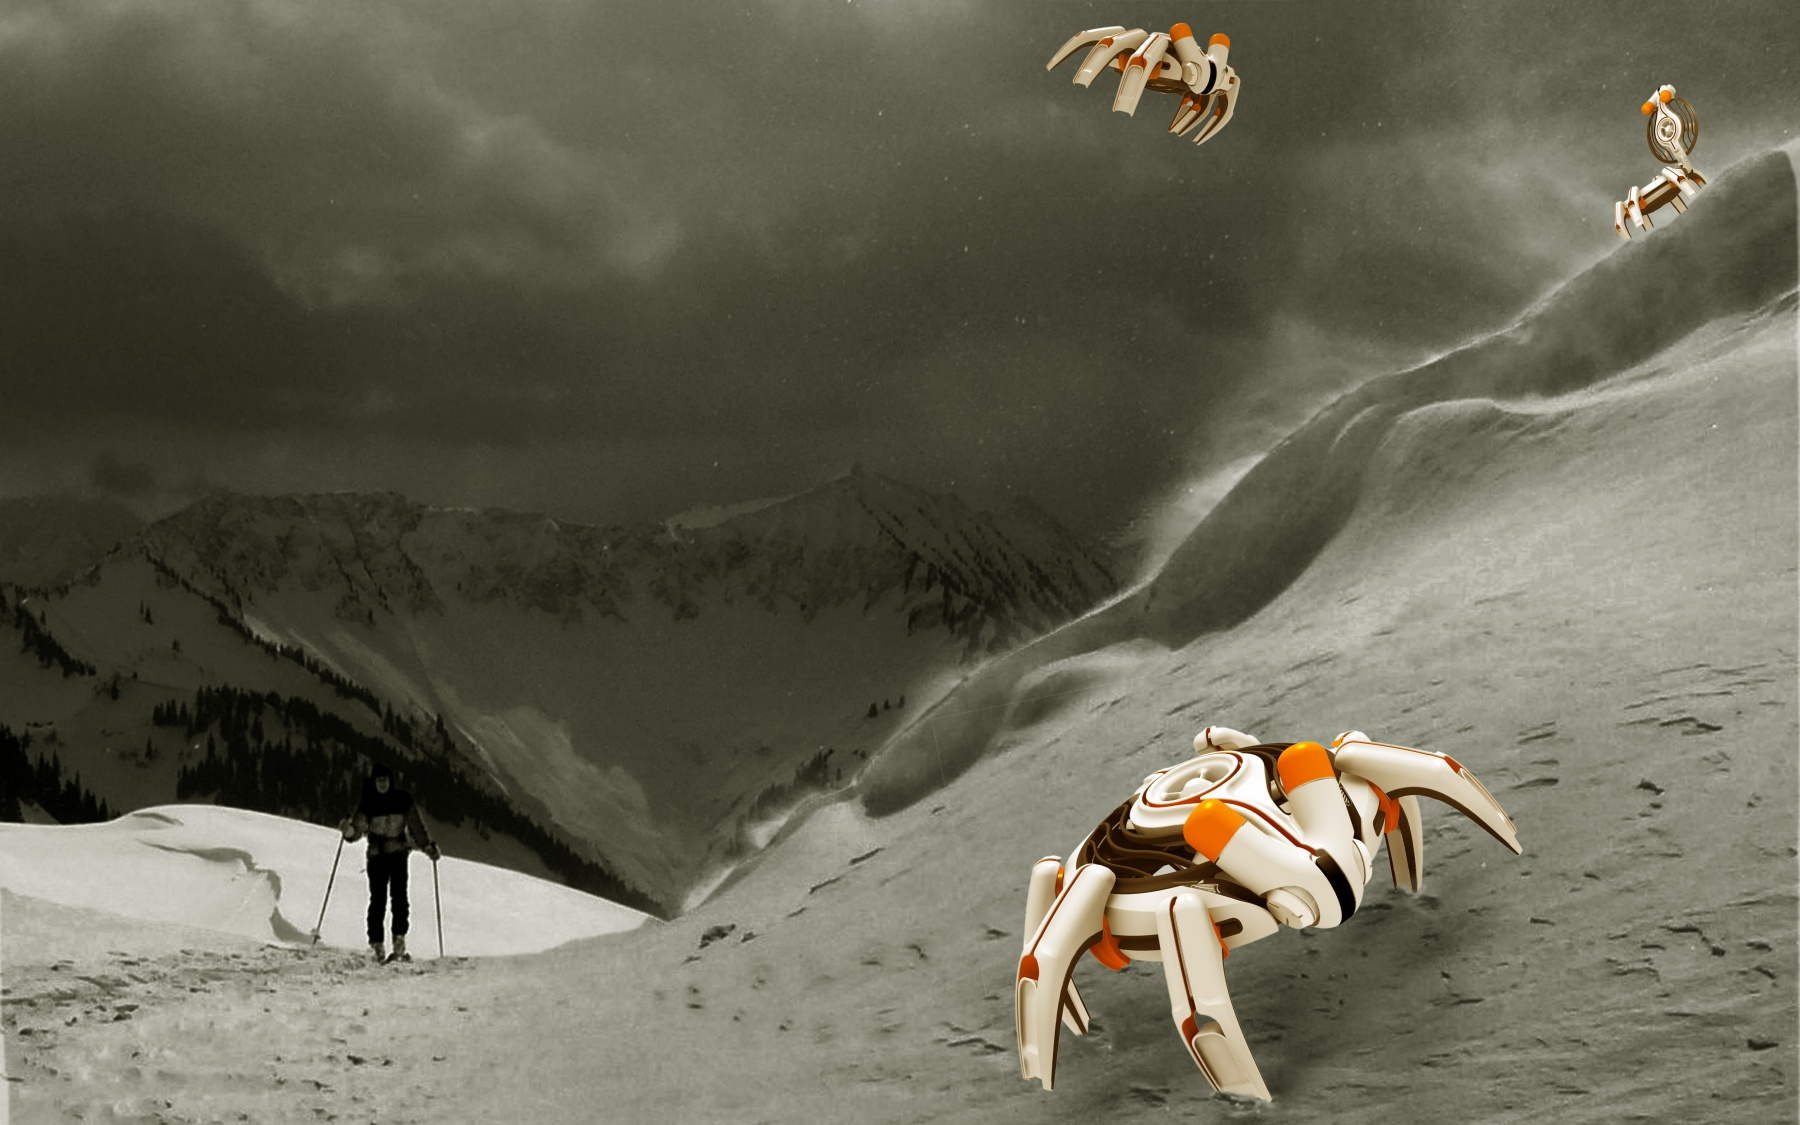 DESIGNSTUDIE // FJUI // Bergrettungsdrone // Diese Konzeptstudie 2008 dient renommierten Forschungszentren als Inspiration für die Entwicklung zukünftiger Rettungsdronen und Dronen zum scannen des Schneedeckenaufbaus.